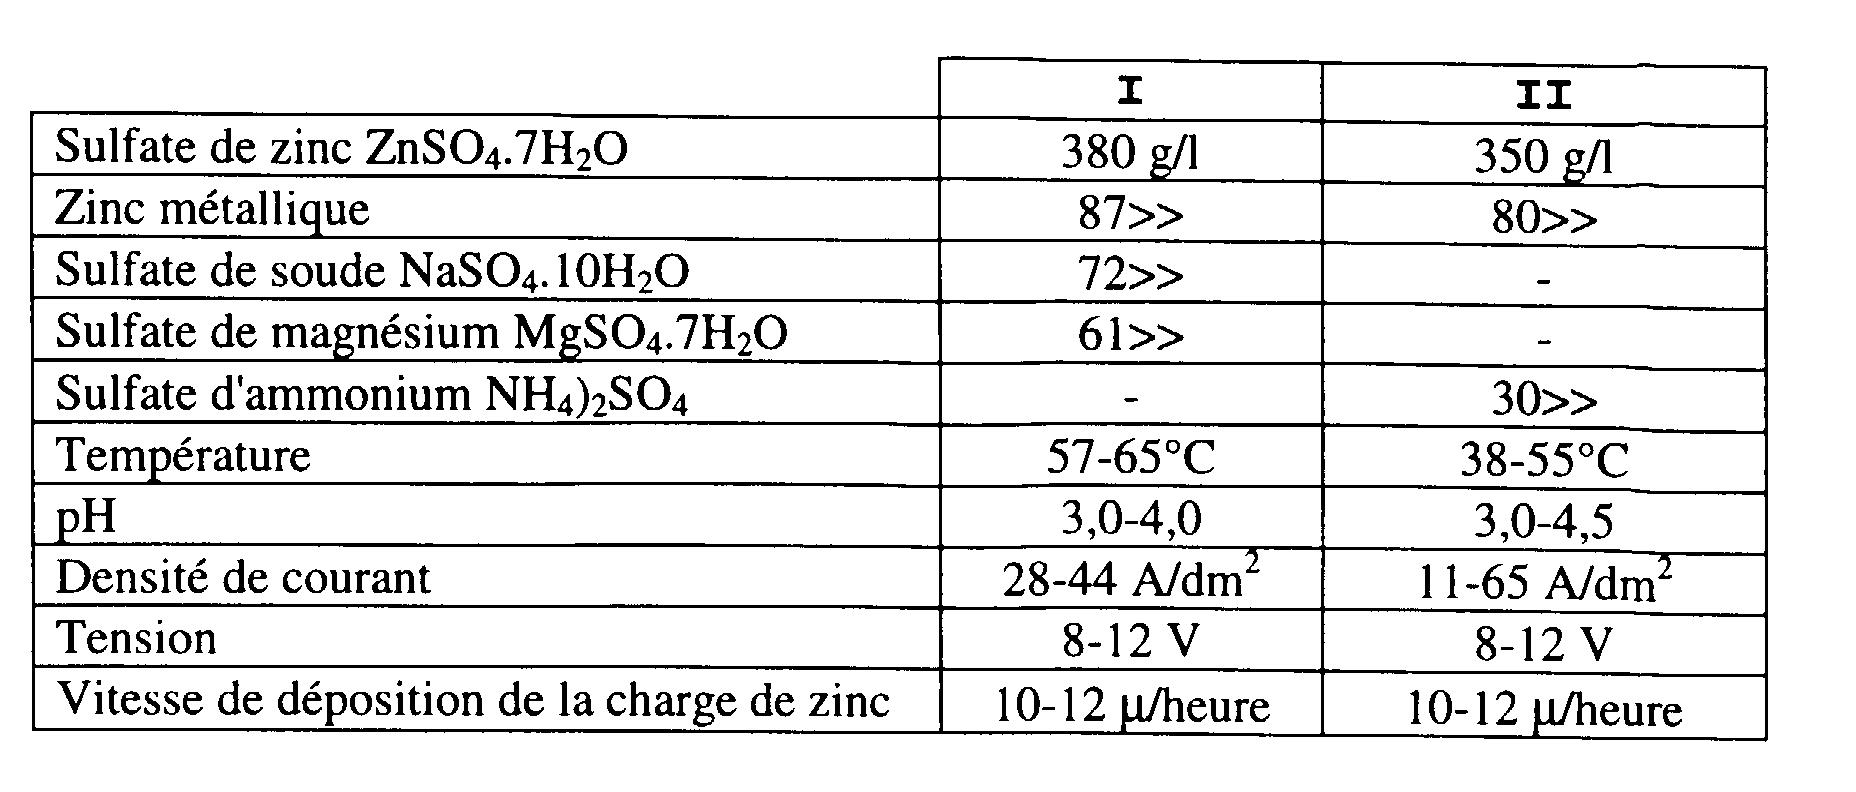 EP1070771A1 - Aqueous acid bath for zinc plating process and zinc